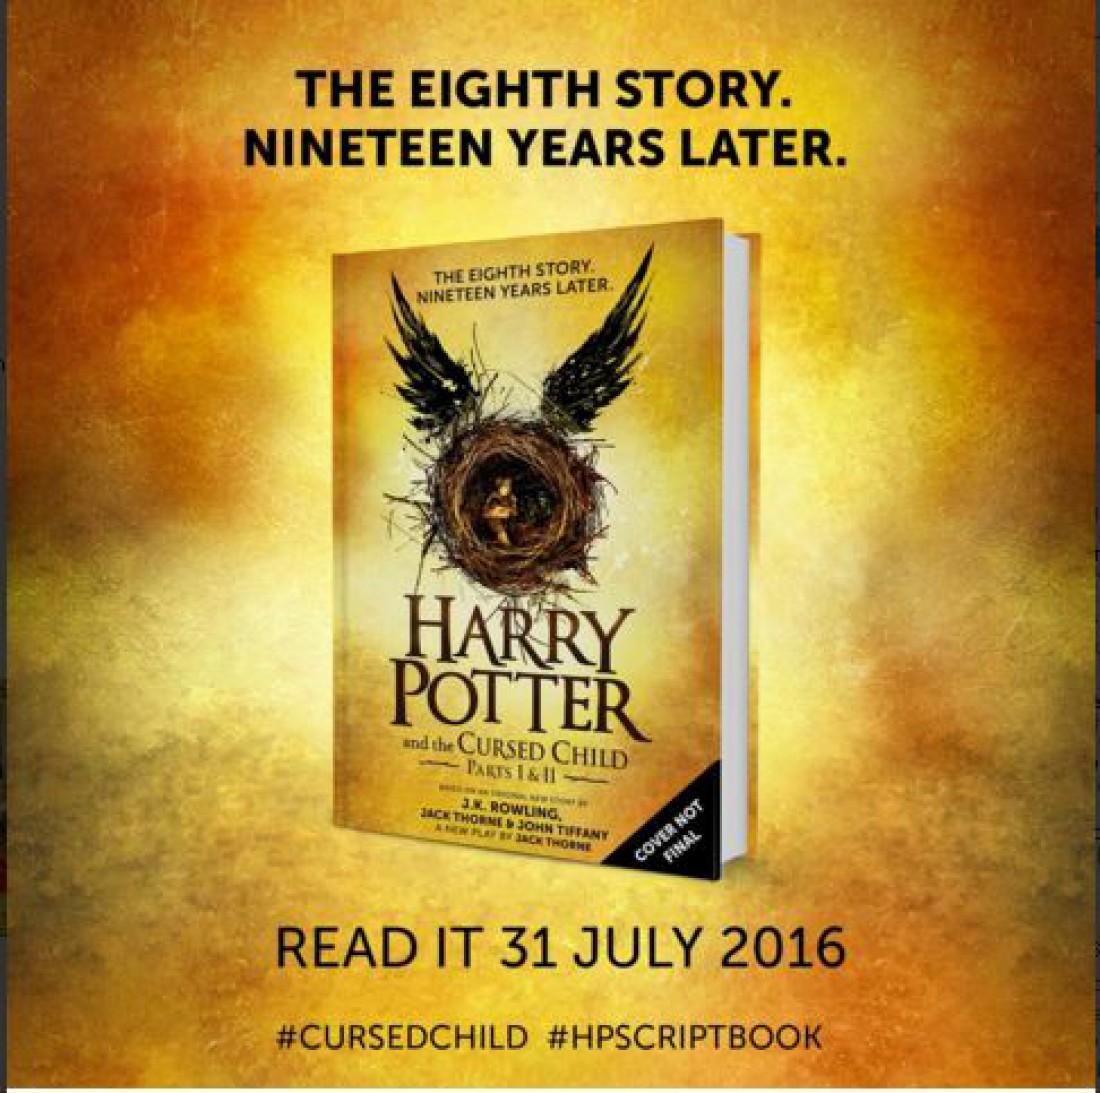 Обложка восьмой книги о Гарри Поттере